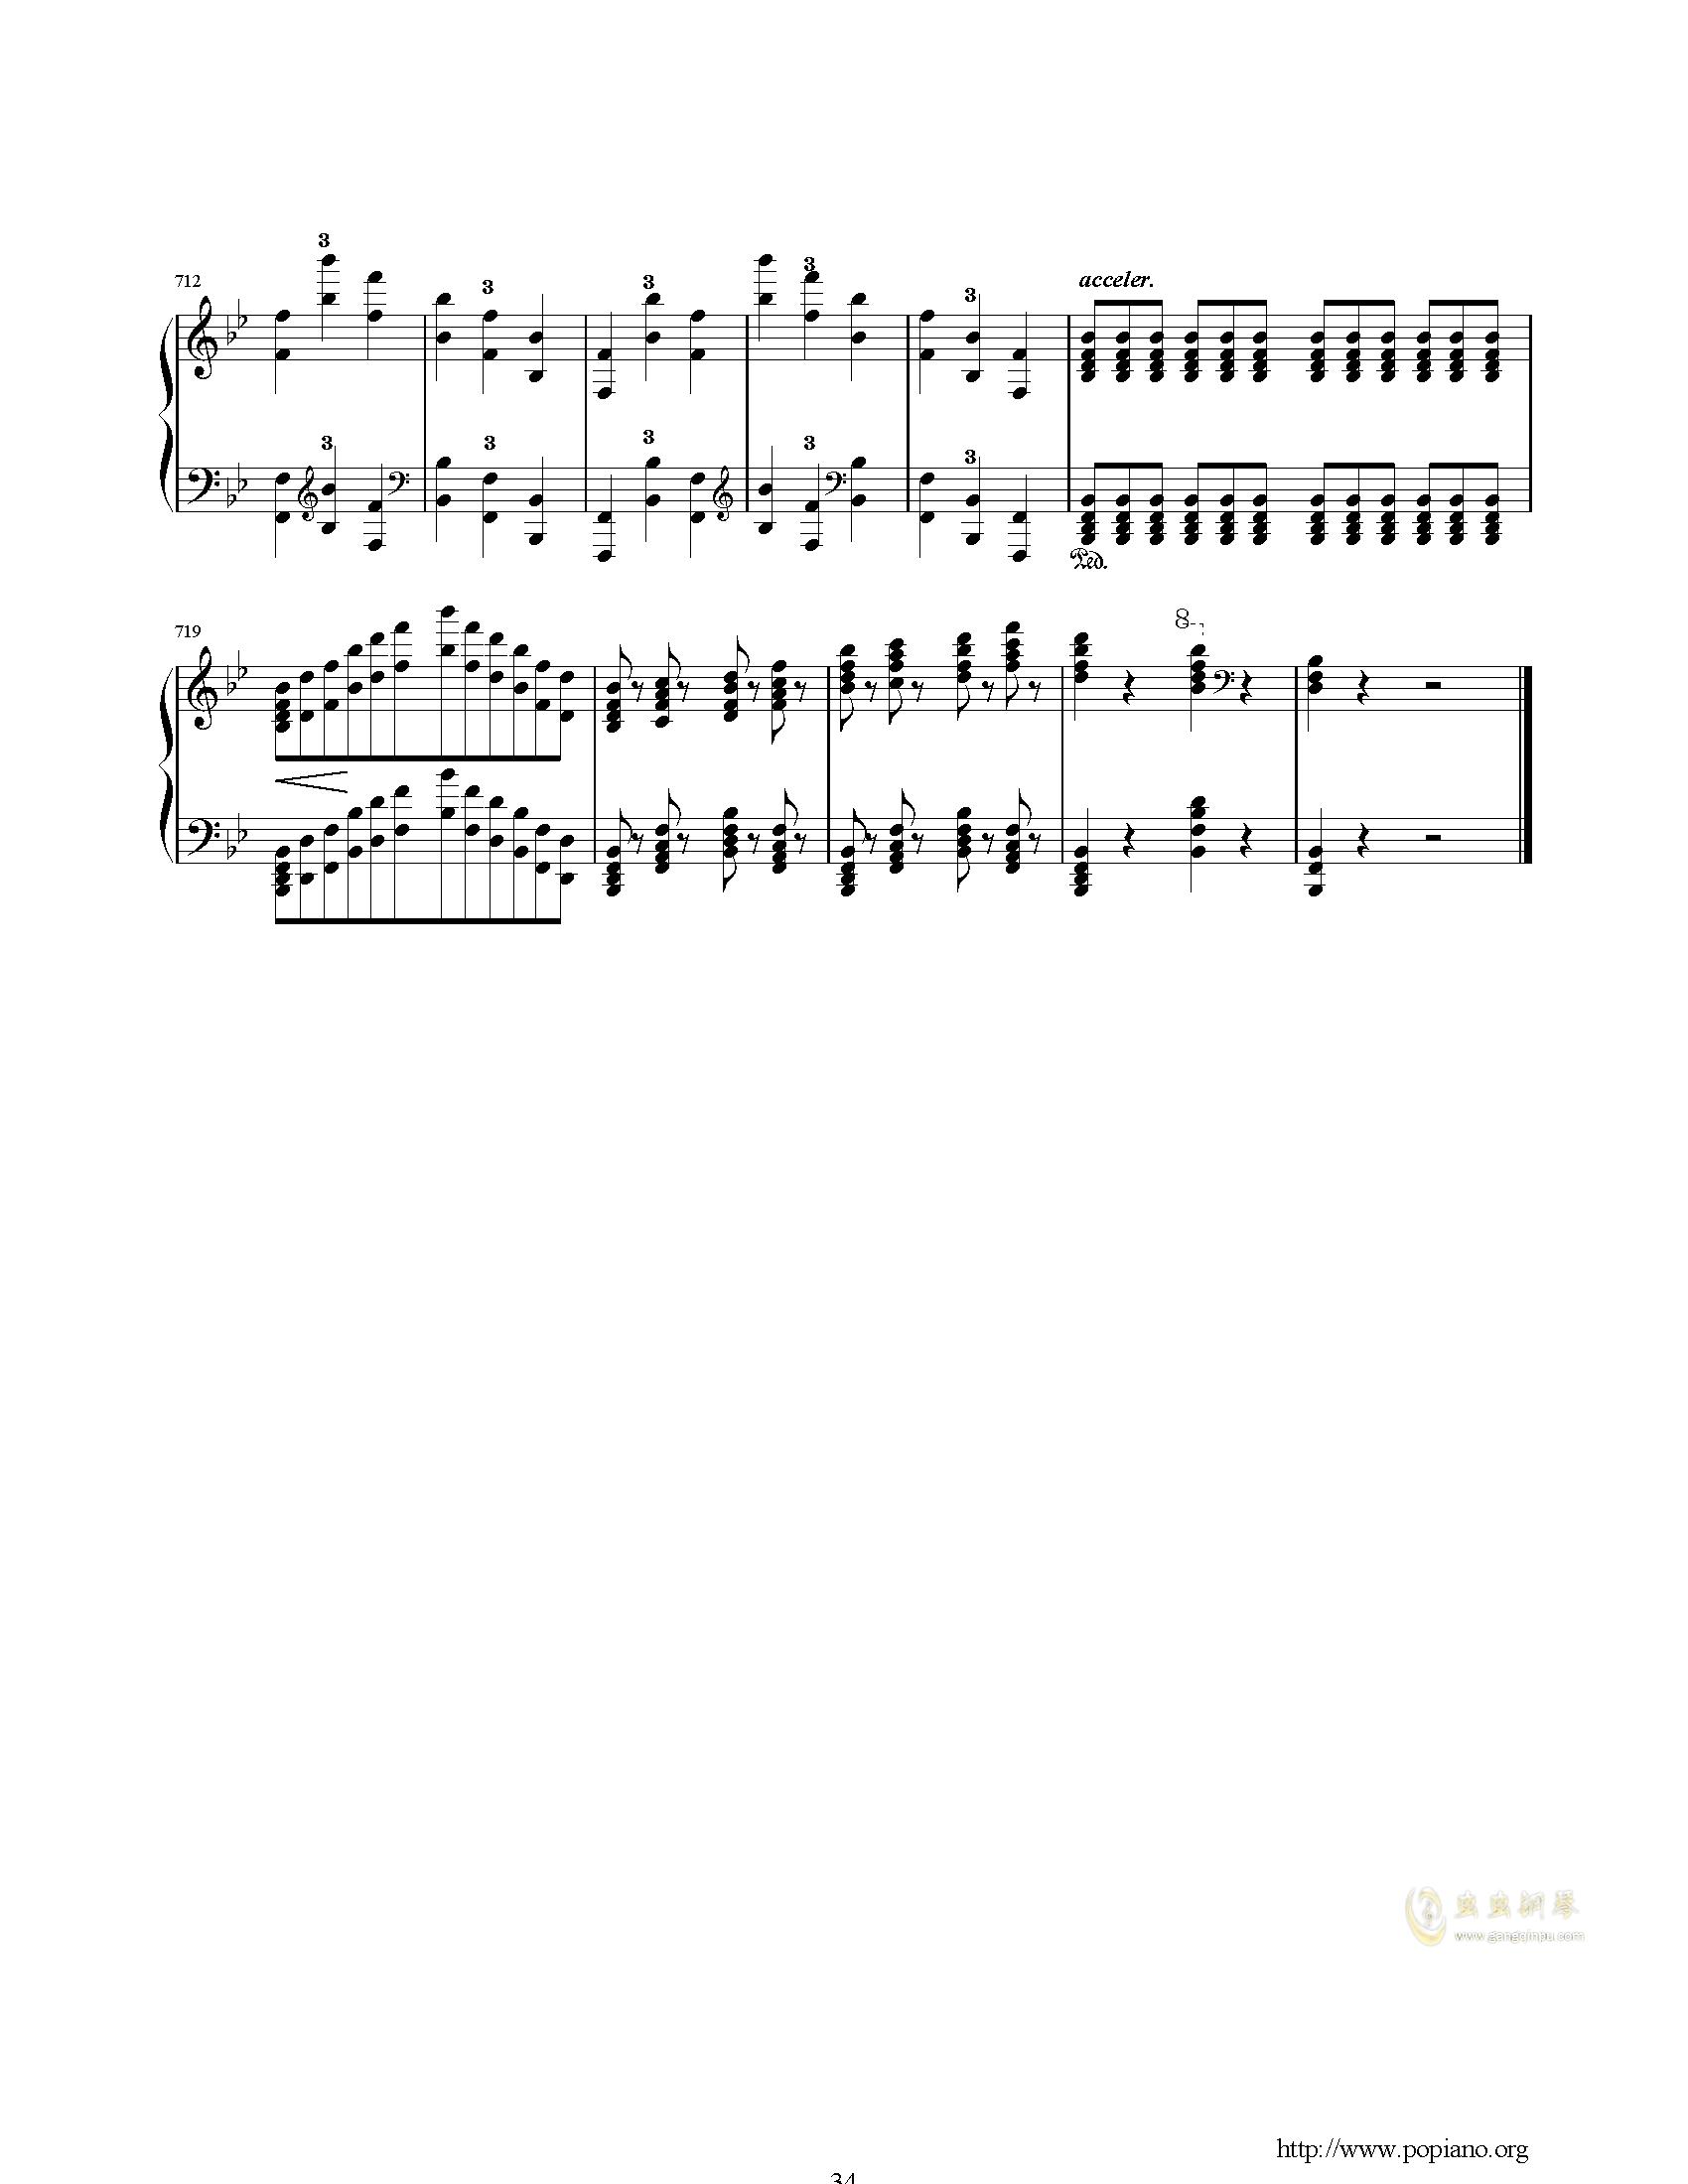 唐璜的回忆钢琴谱 第34页